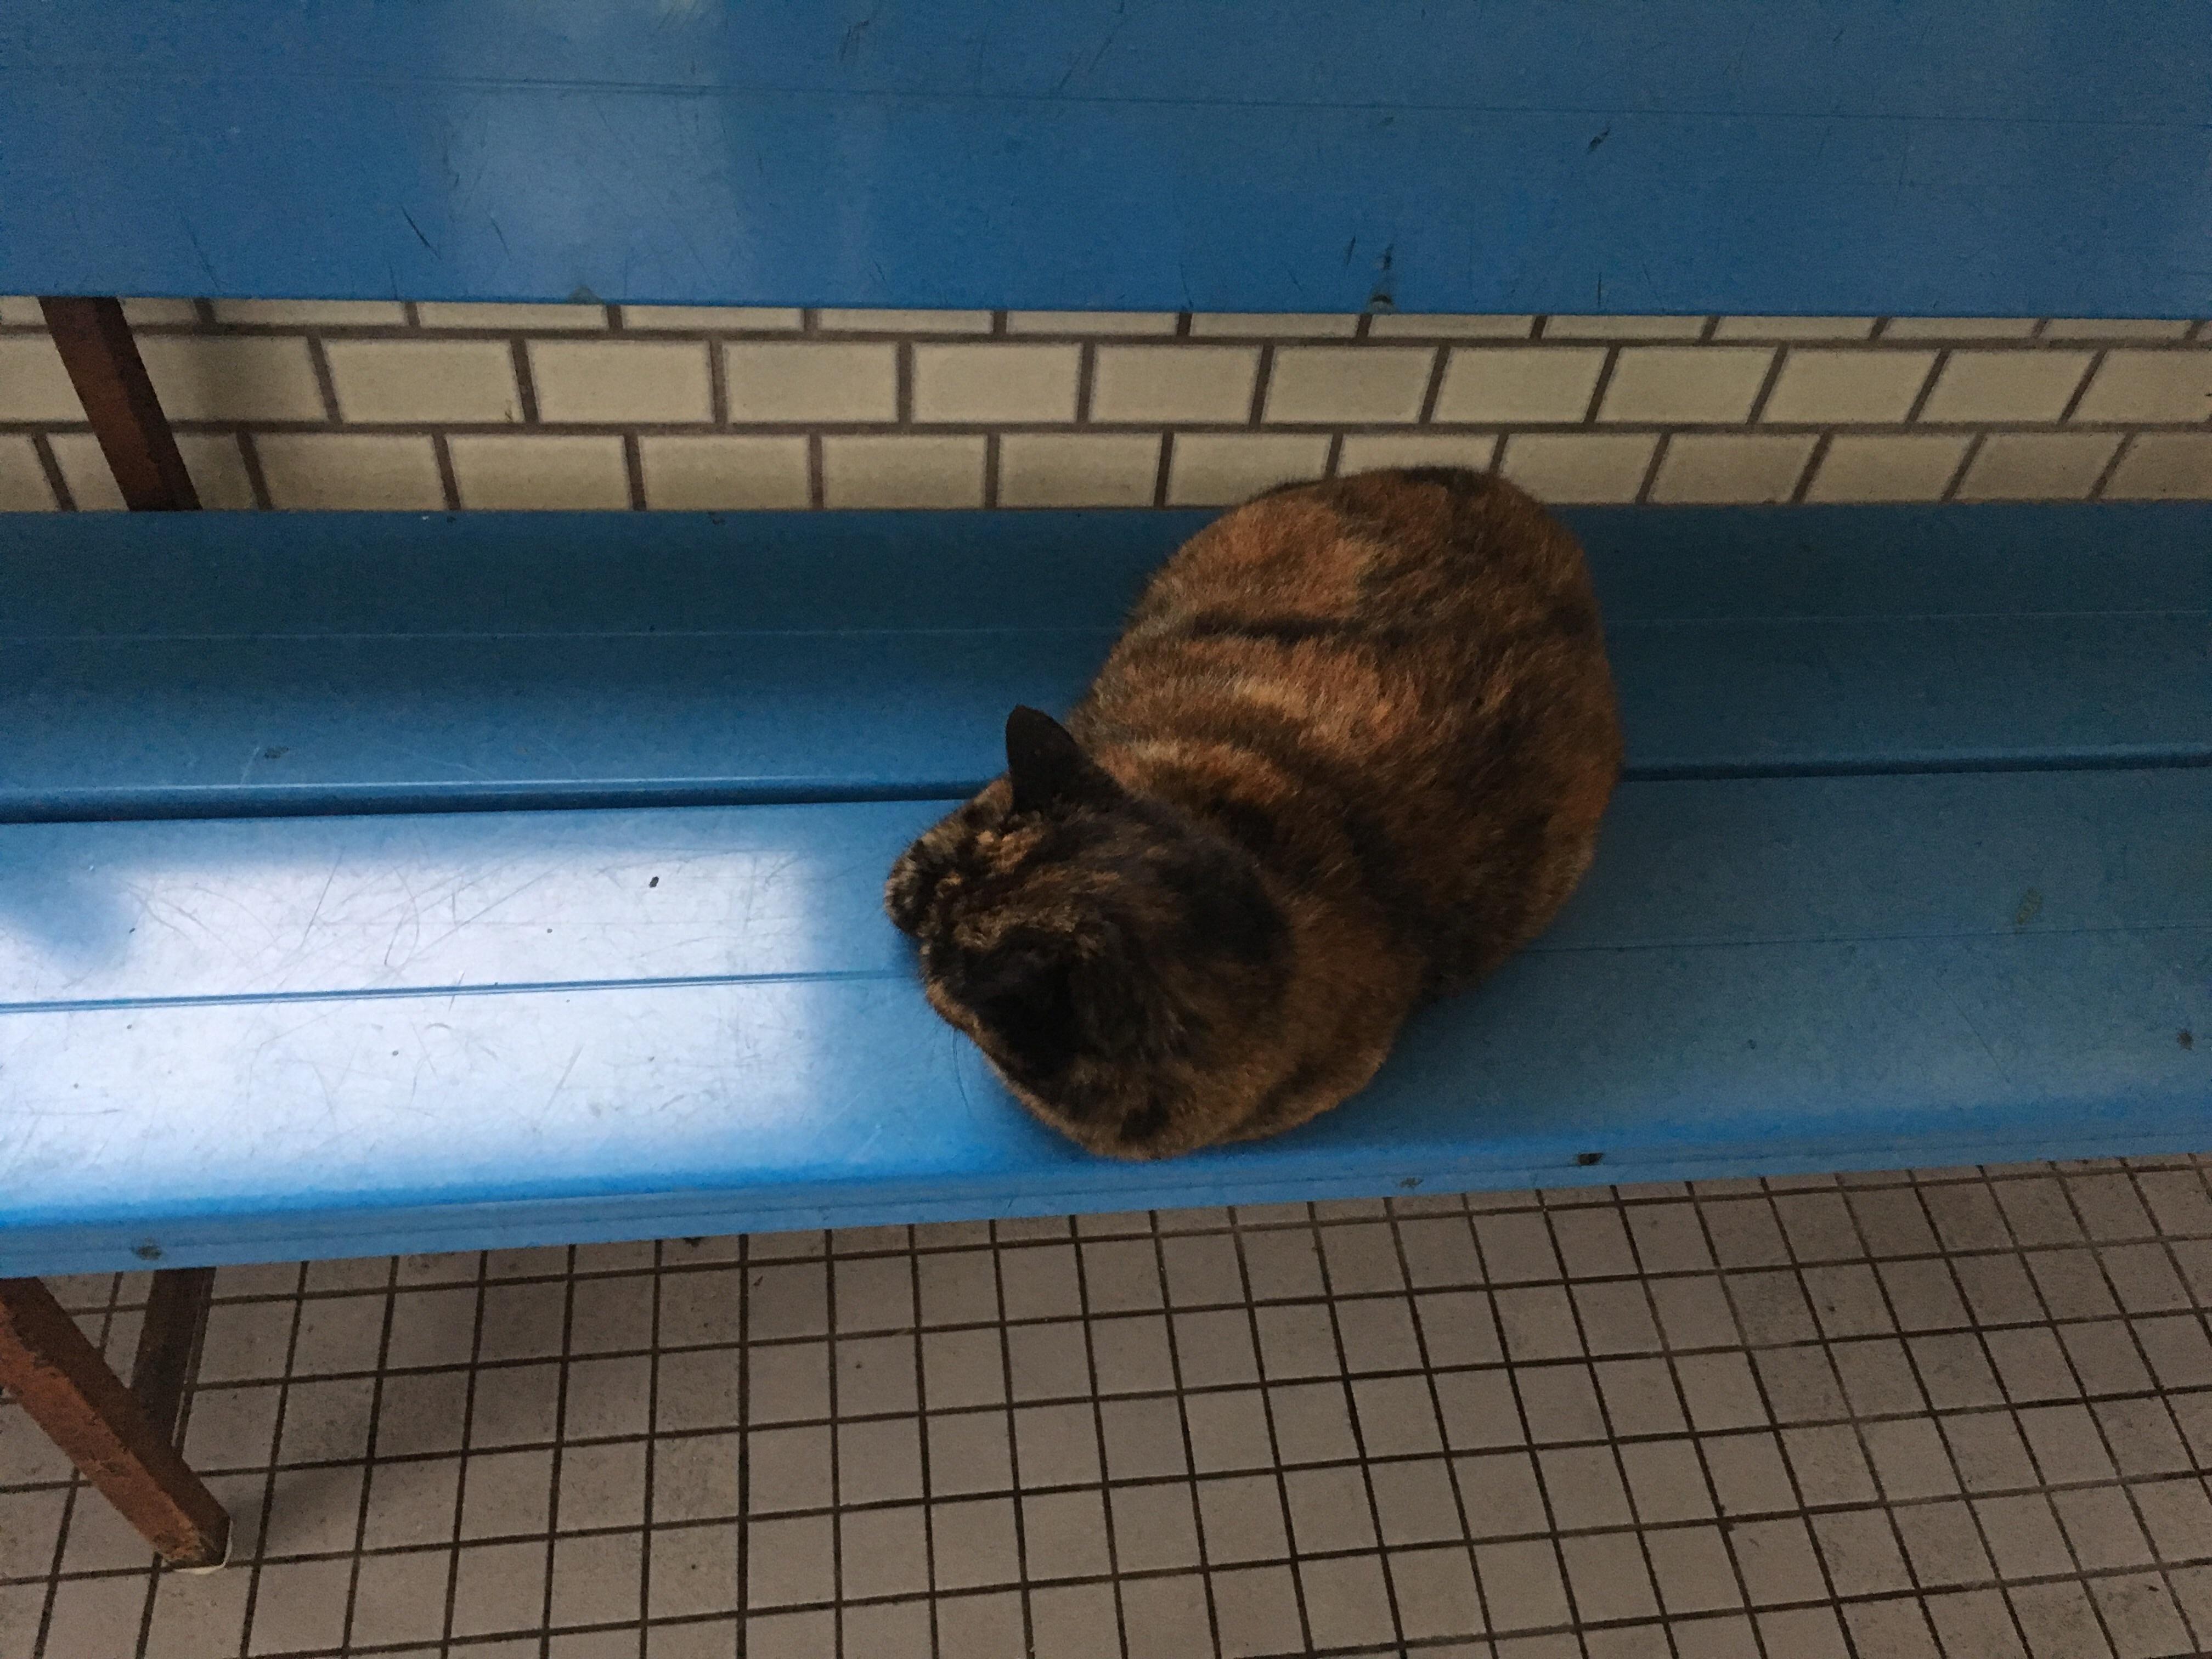 船着き場に居座るネコ。